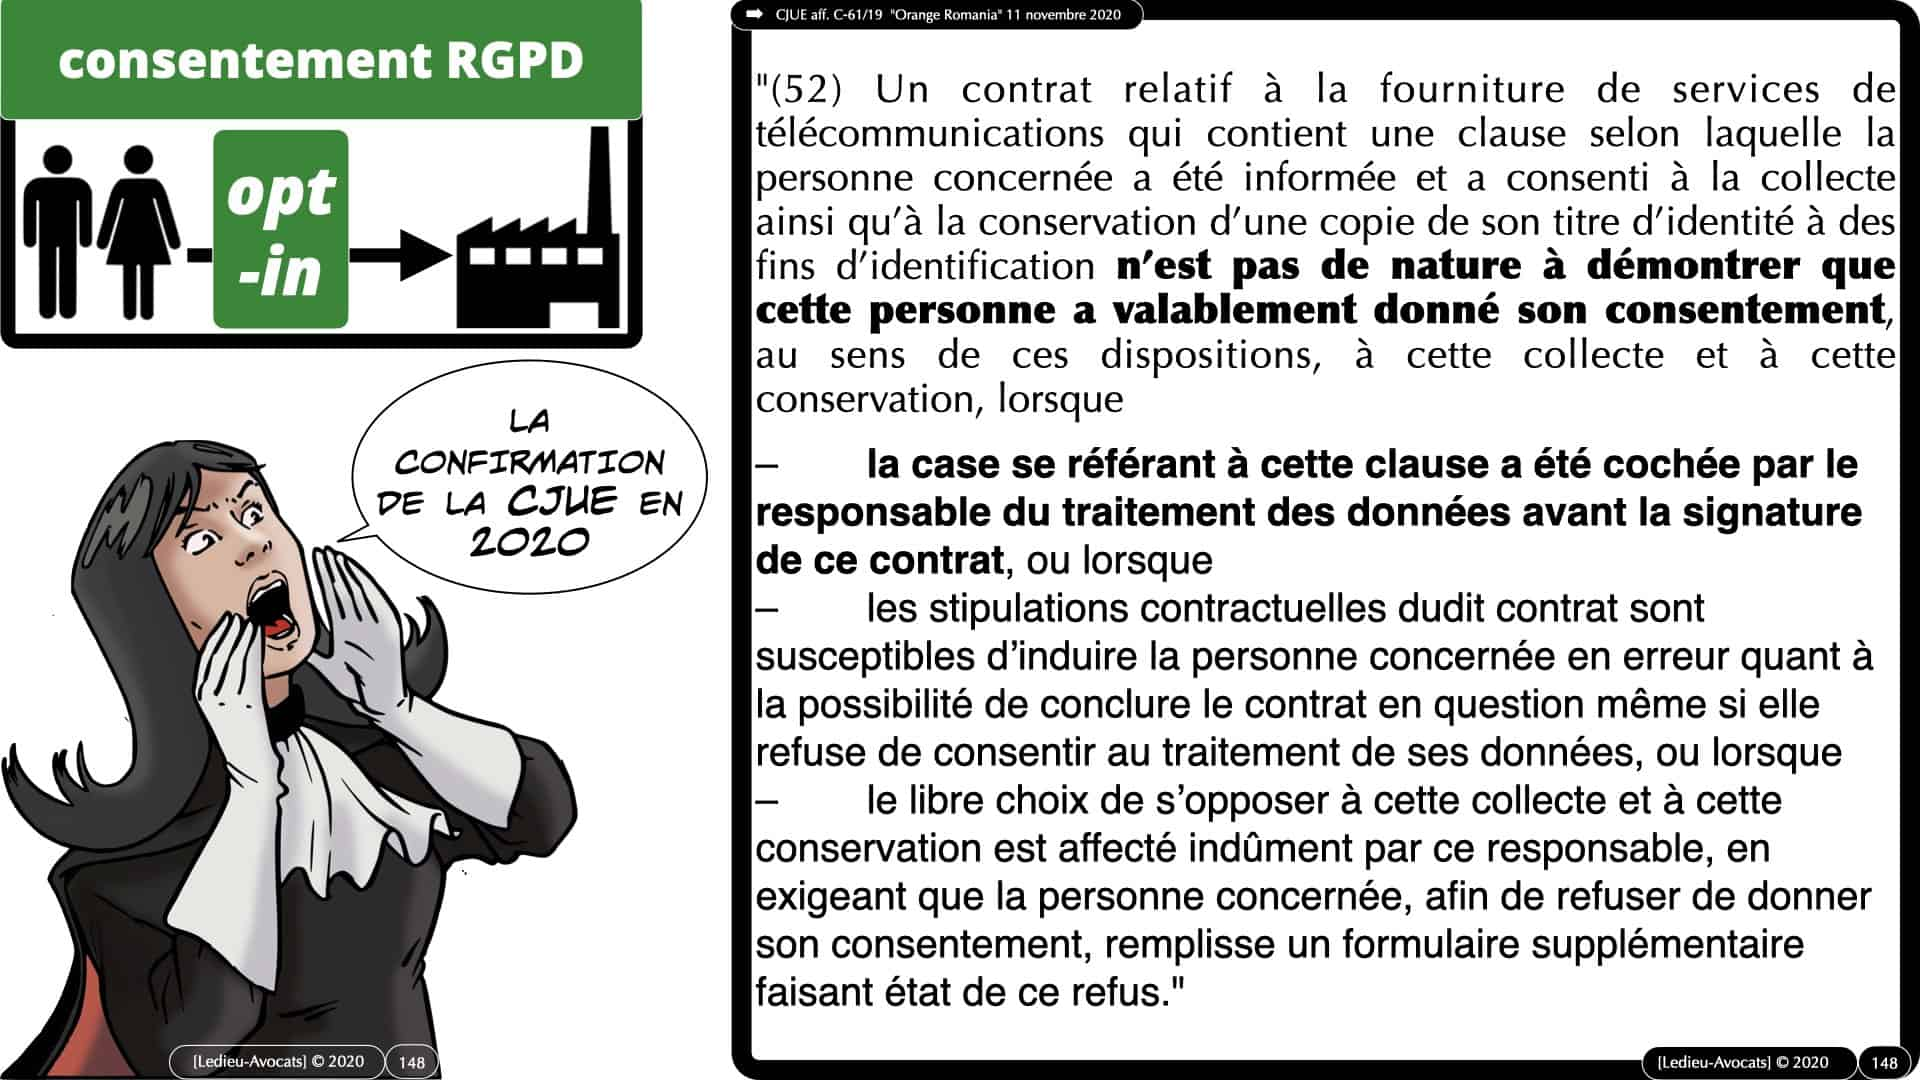 RGPD e-Privacy données personnelles jurisprudence formation Lamy Les Echos 10-02-2021 ©Ledieu-Avocats.148